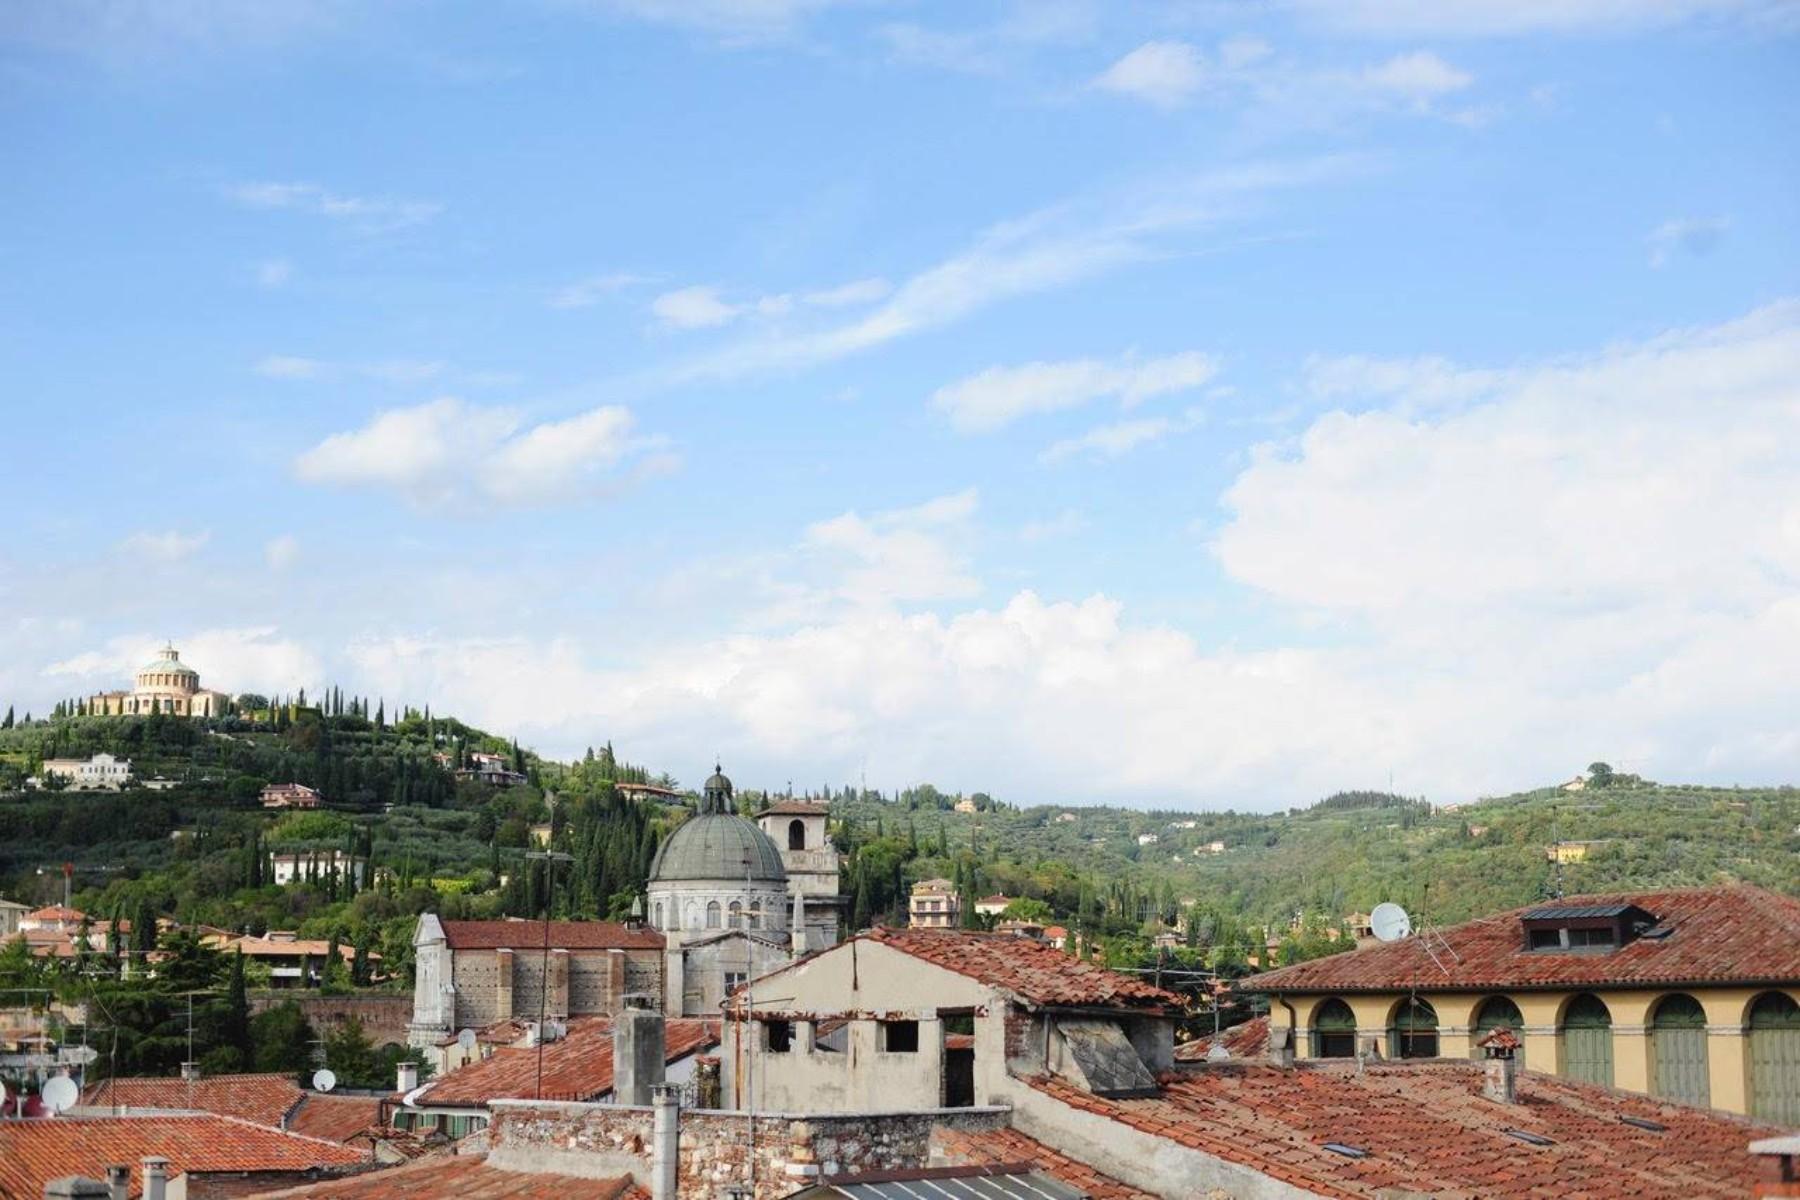 Attico in Vendita a Verona: 5 locali, 450 mq - Foto 9